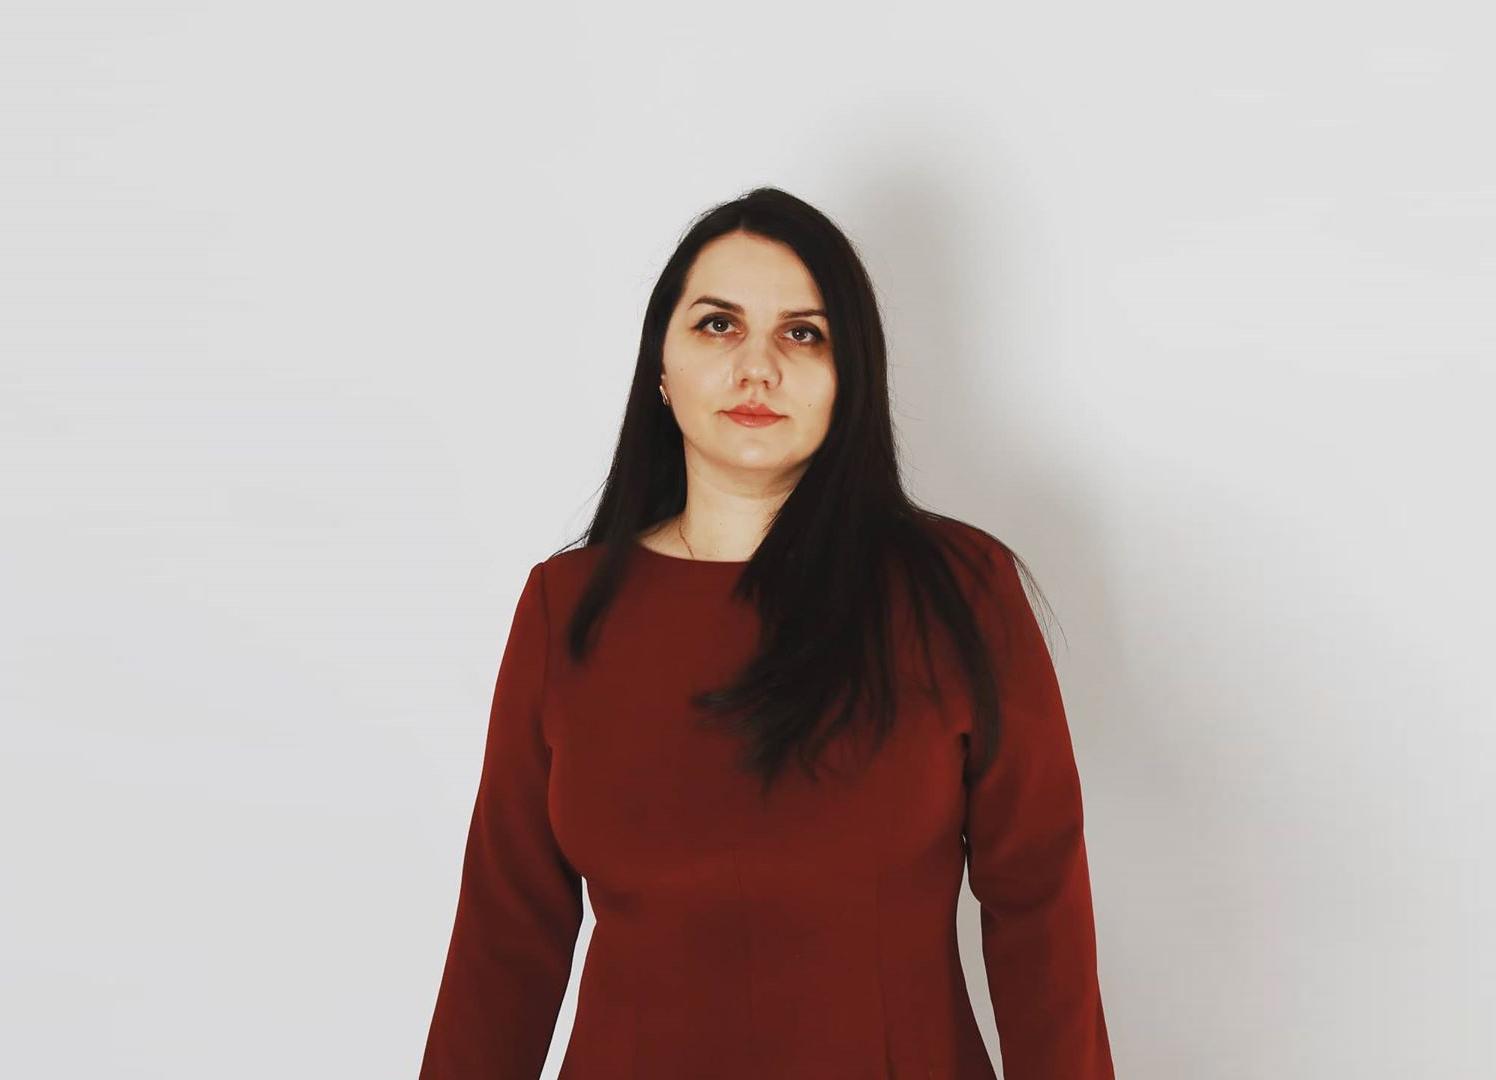 Наталья Коротеева, лингвист, коуч, эксперт по эффективной коммуникации